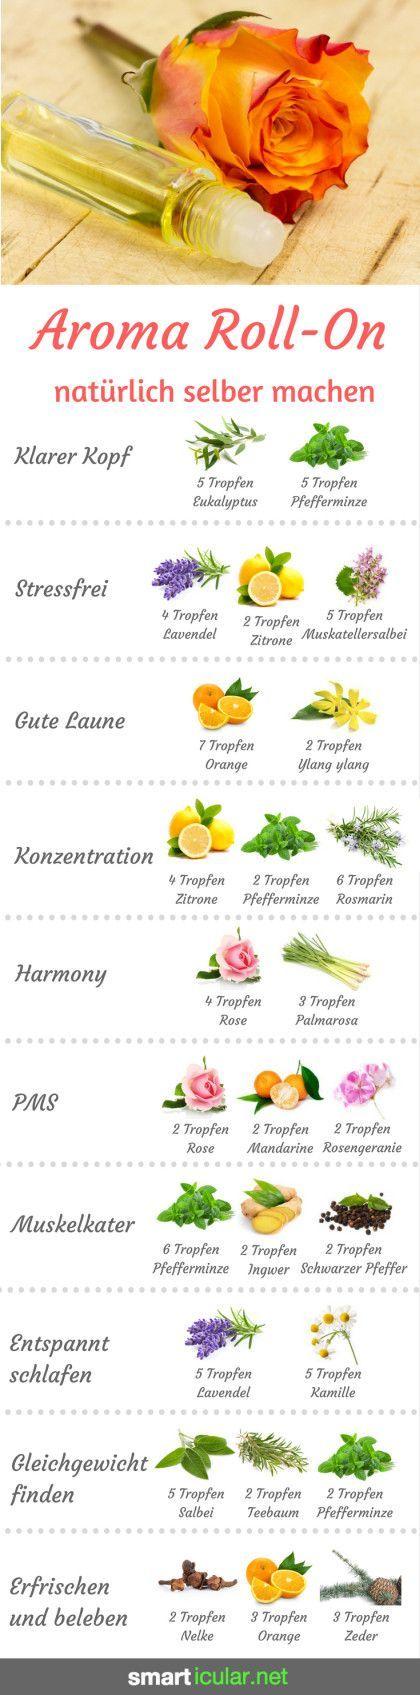 Natürliche Aroma-Roll-Ons: Anleitung und 10 Rezepte